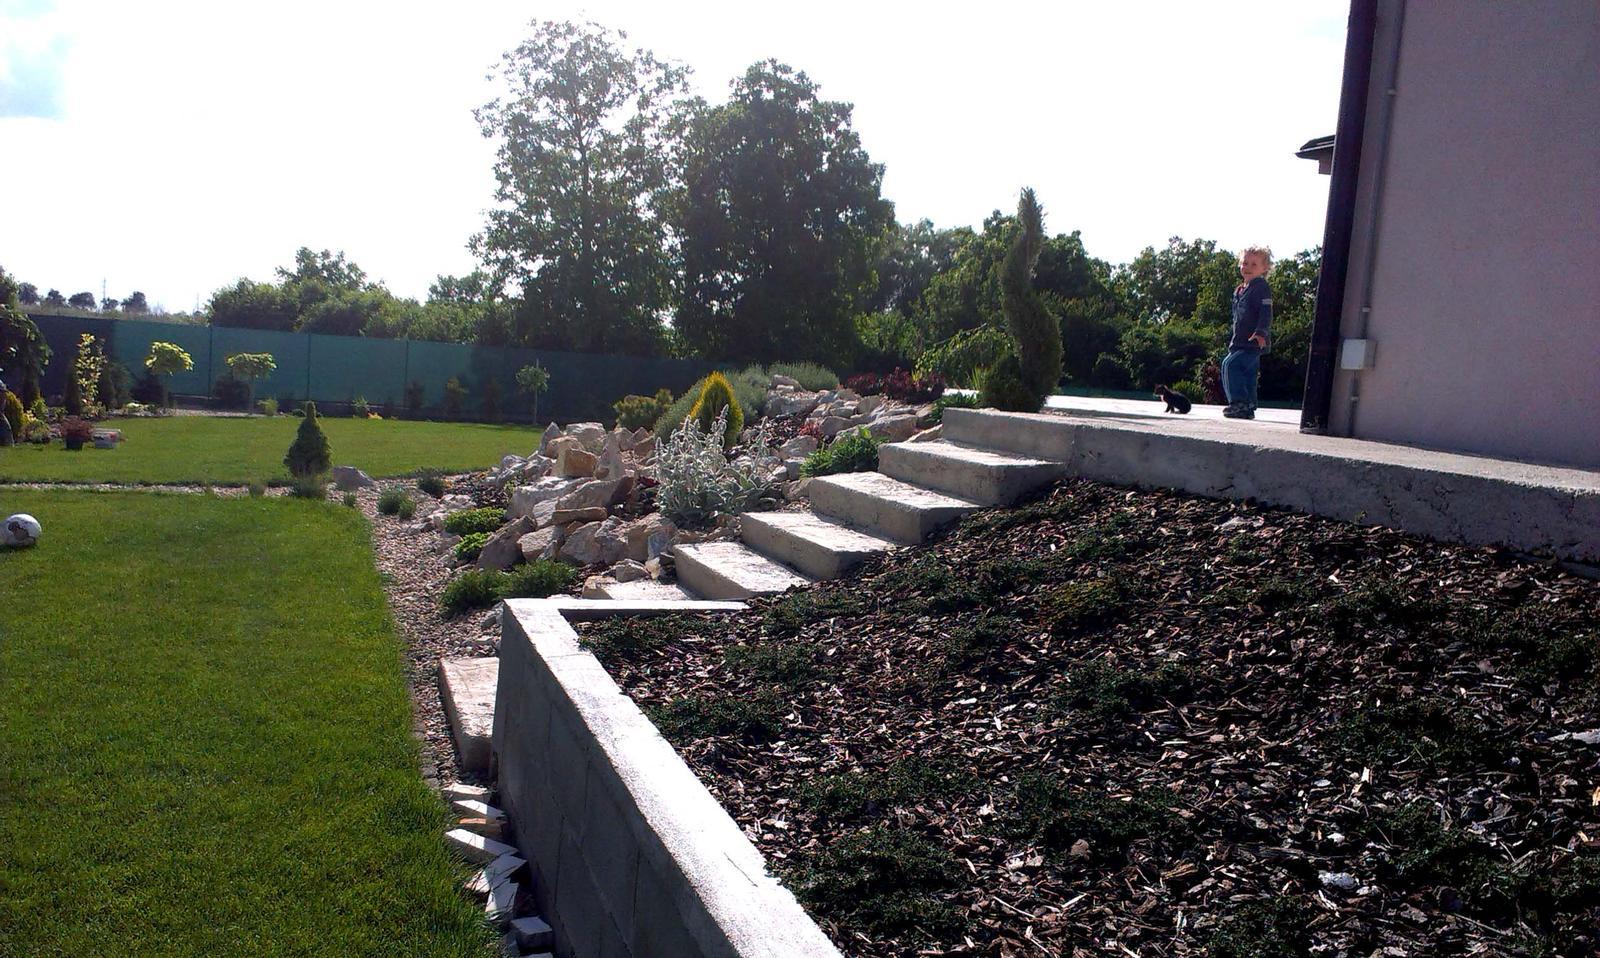 Záhrada s veľkou skalkou - Obrázok č. 35